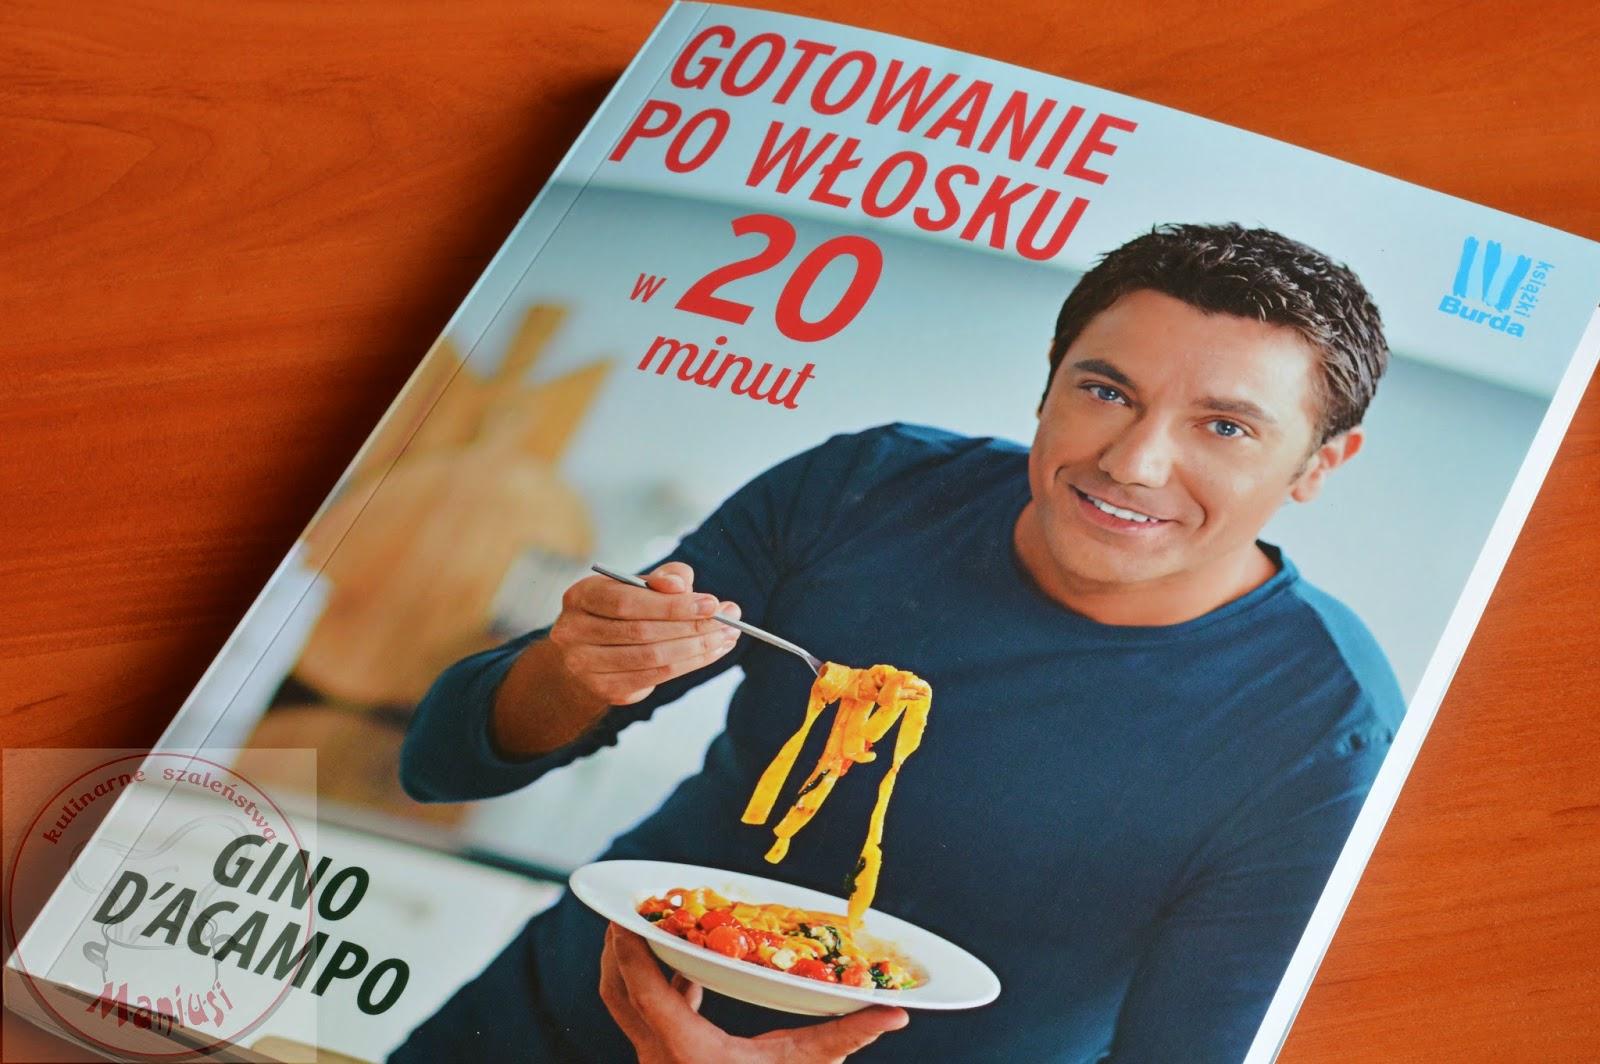 Książka Gotowanie po włosku w 20 minut - recenzja